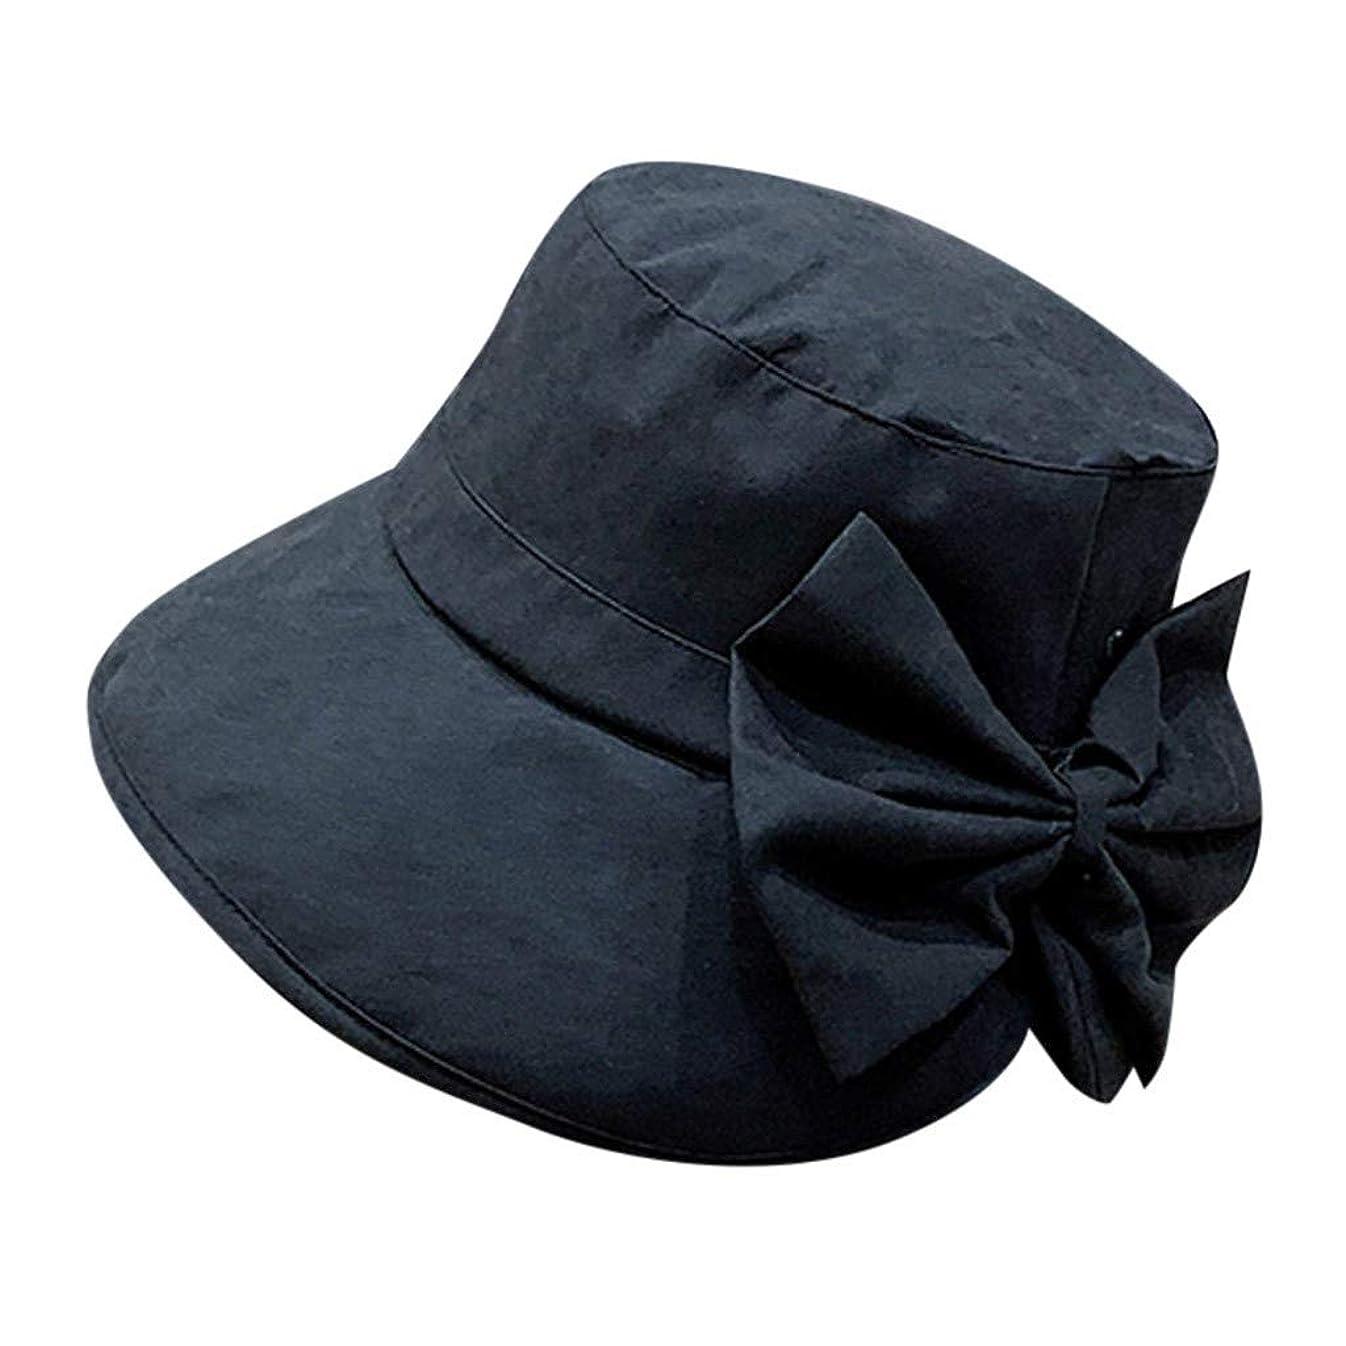 楽しい散歩蒸発する女性 帽子 レディース UVカット ハット女の子 つば広い 漁師帽 女優帽 小顔効果 紫外線 対策 レディース 蝶結び UV 加工 リボン ハット ビーチ 日よけ テント ビーチサンダル ベレー帽 ROSE ROMAN